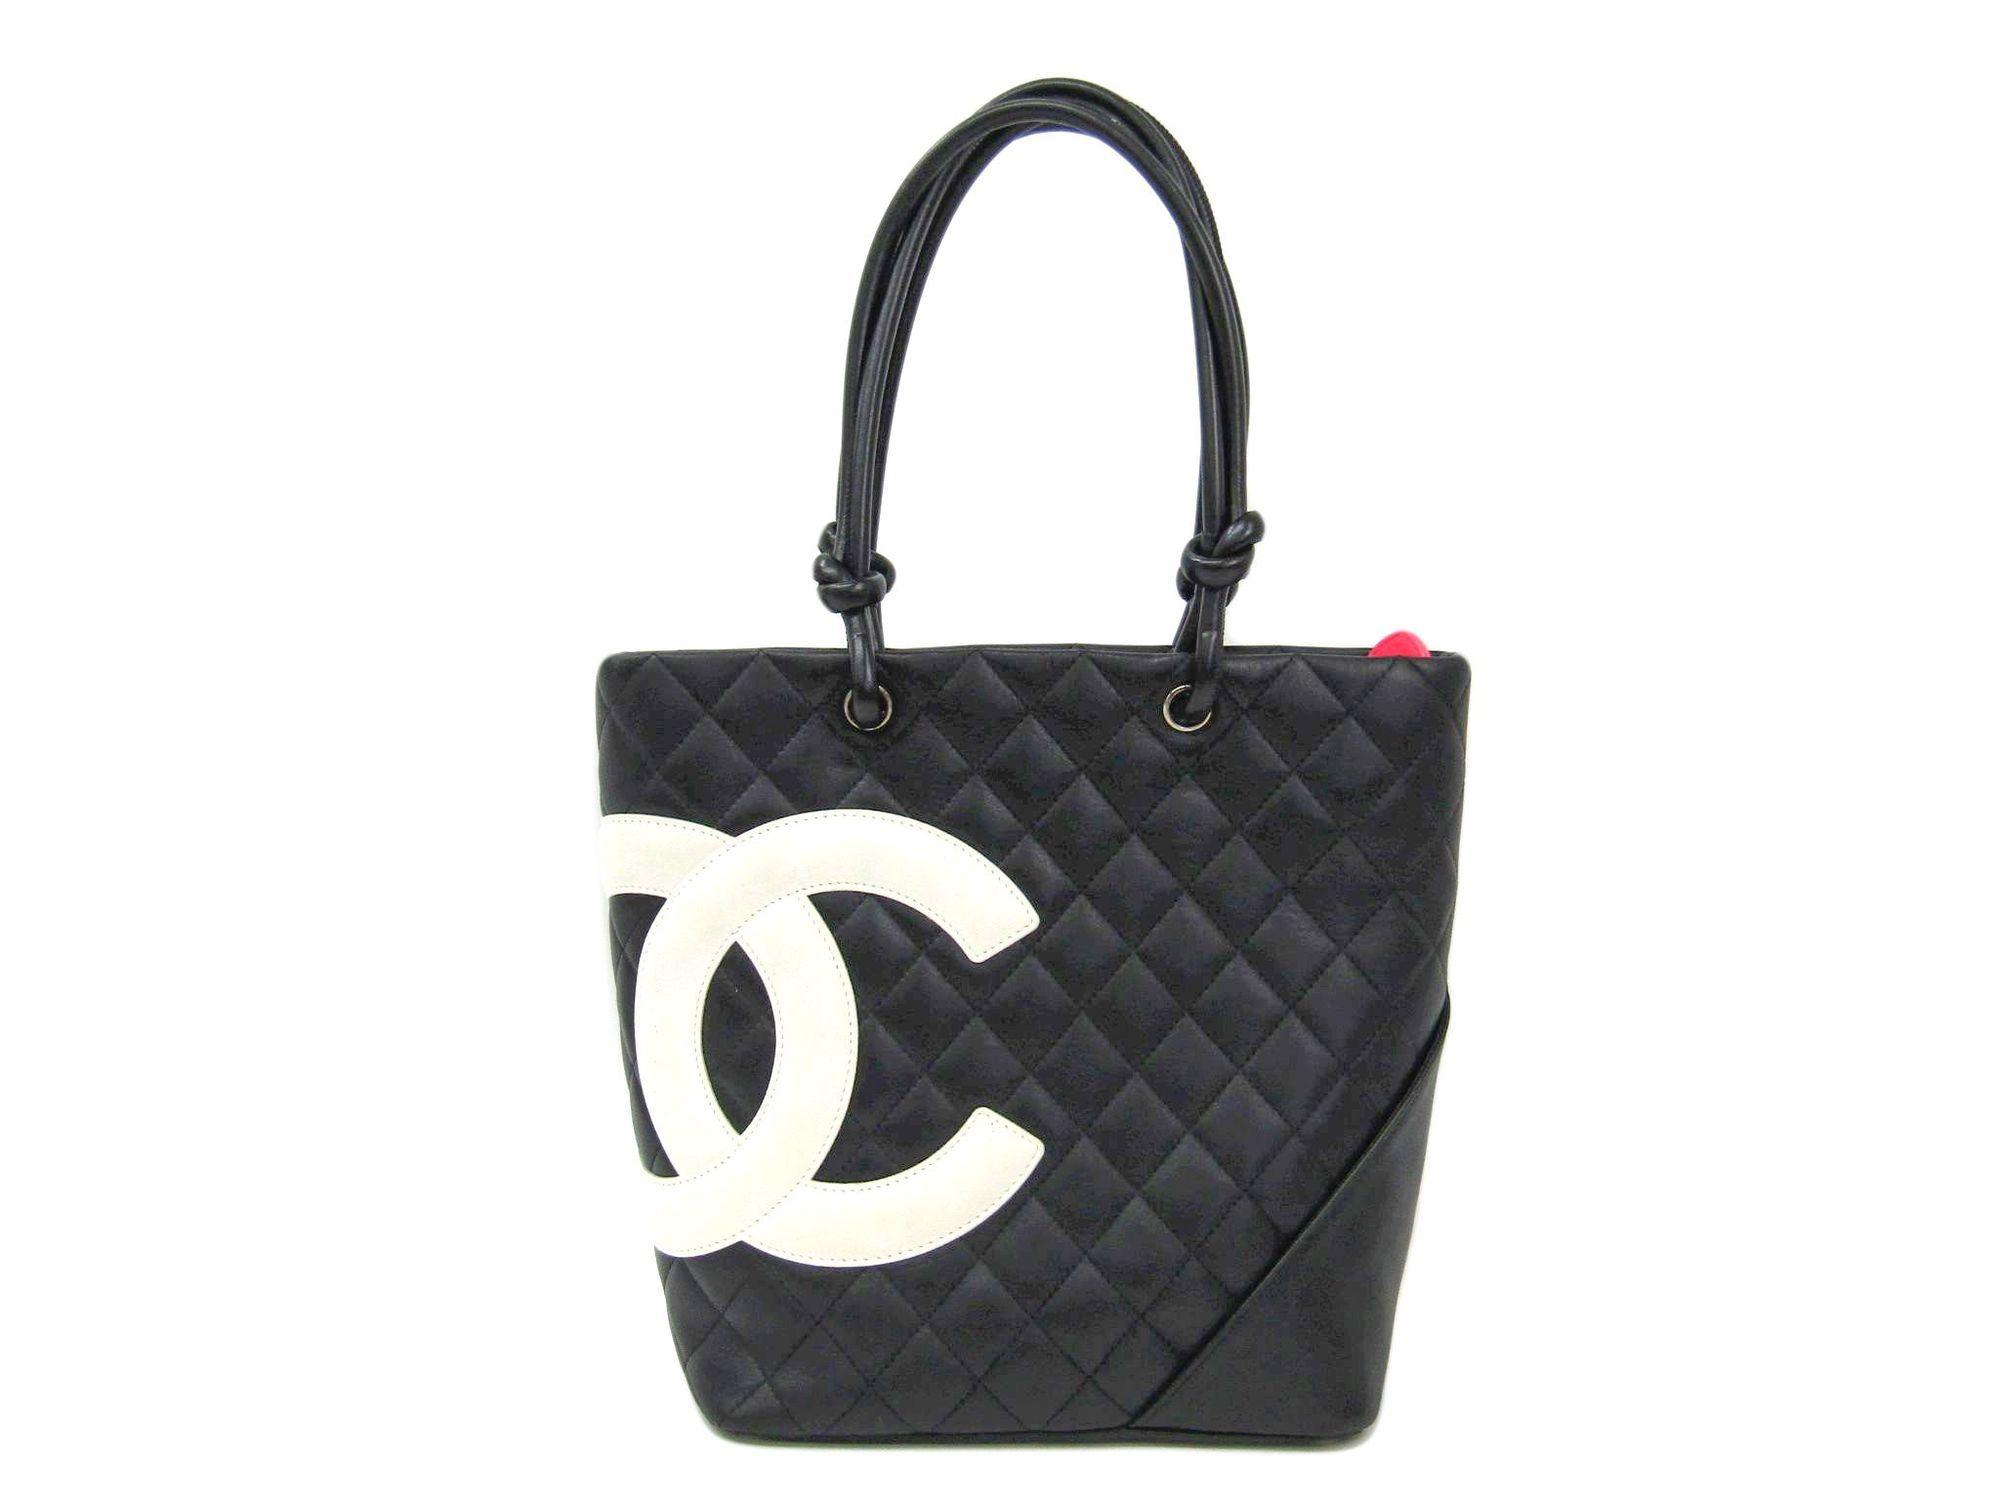 9da14c15e15a Chanel Ligne Cambon A25167 Women's Cambon Ligne Tote Bag Black,White  BF308114